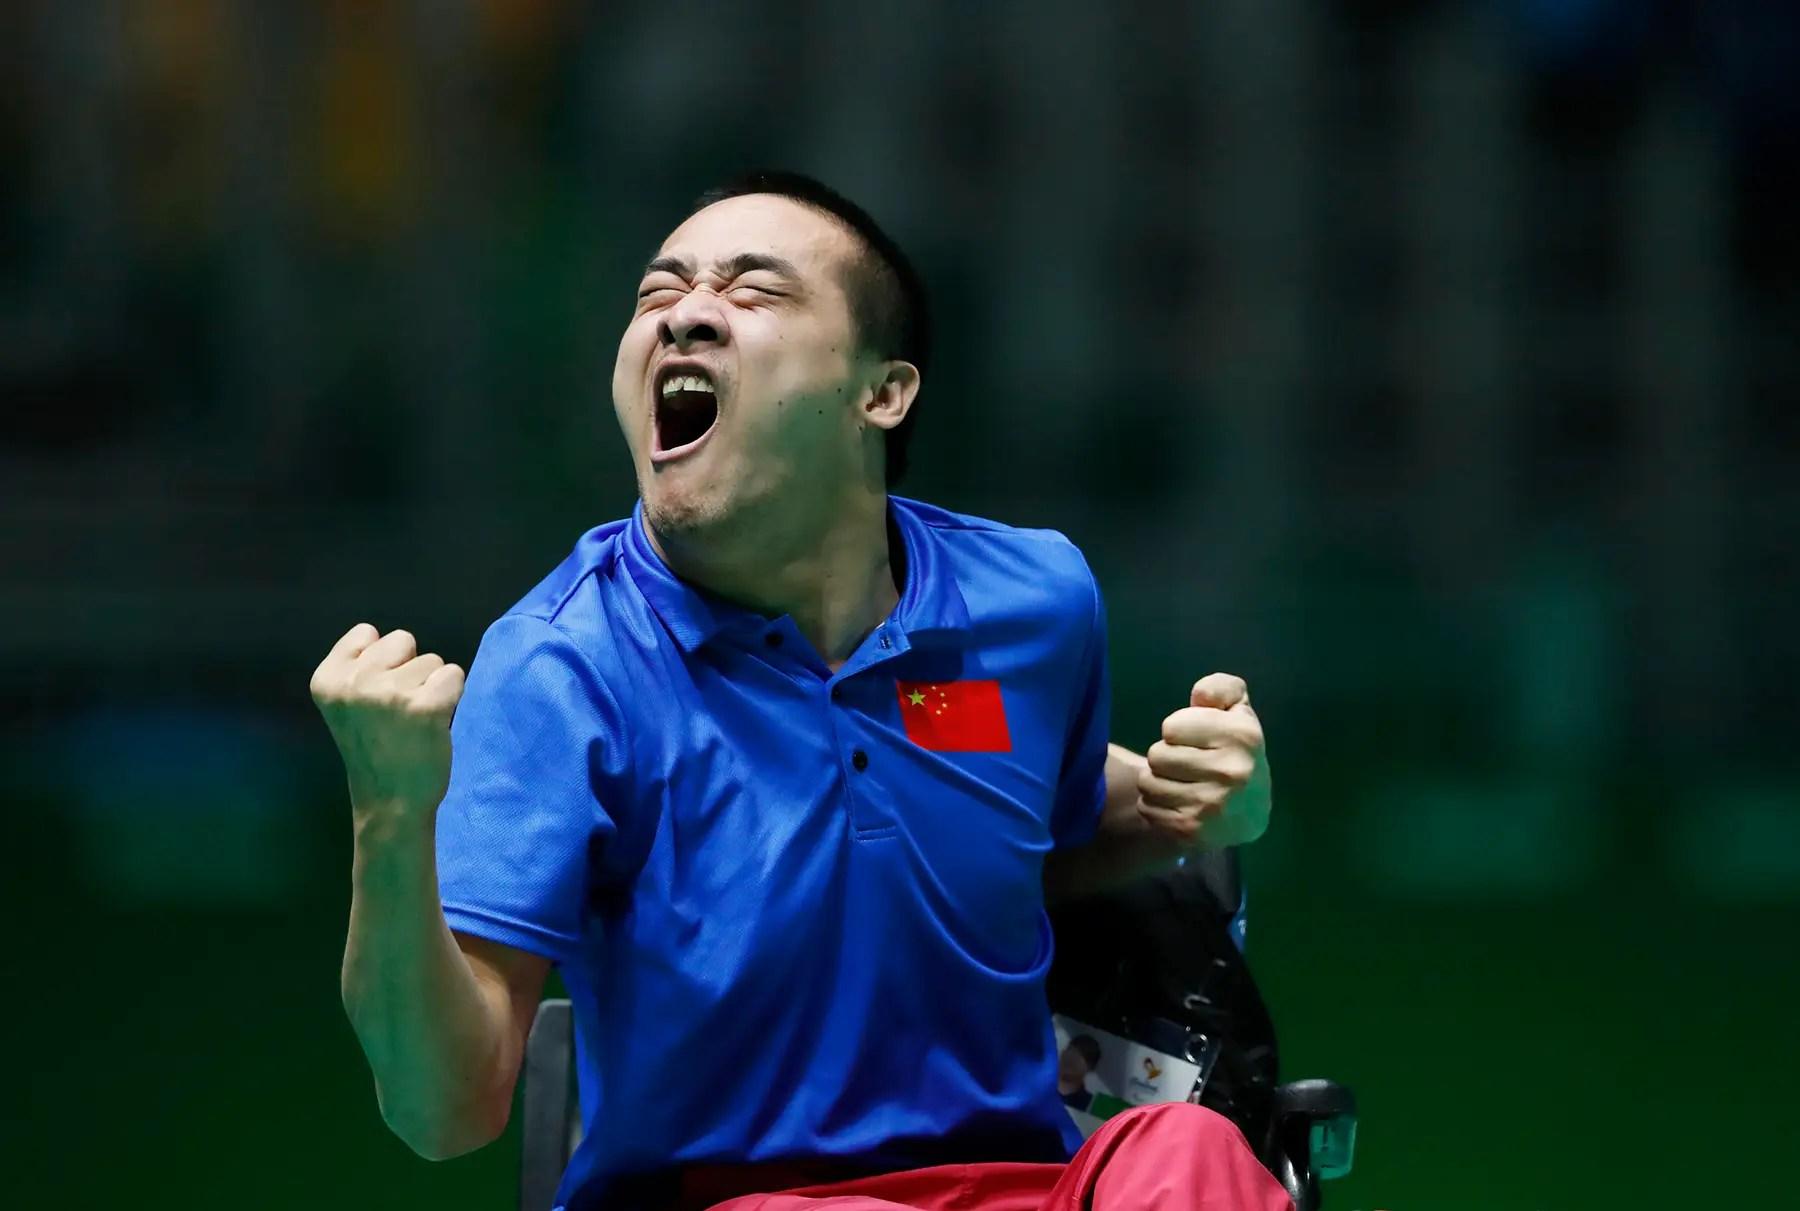 china Yan Zhiqiang celebra durante el partido por la medalla de bronce en boccia.